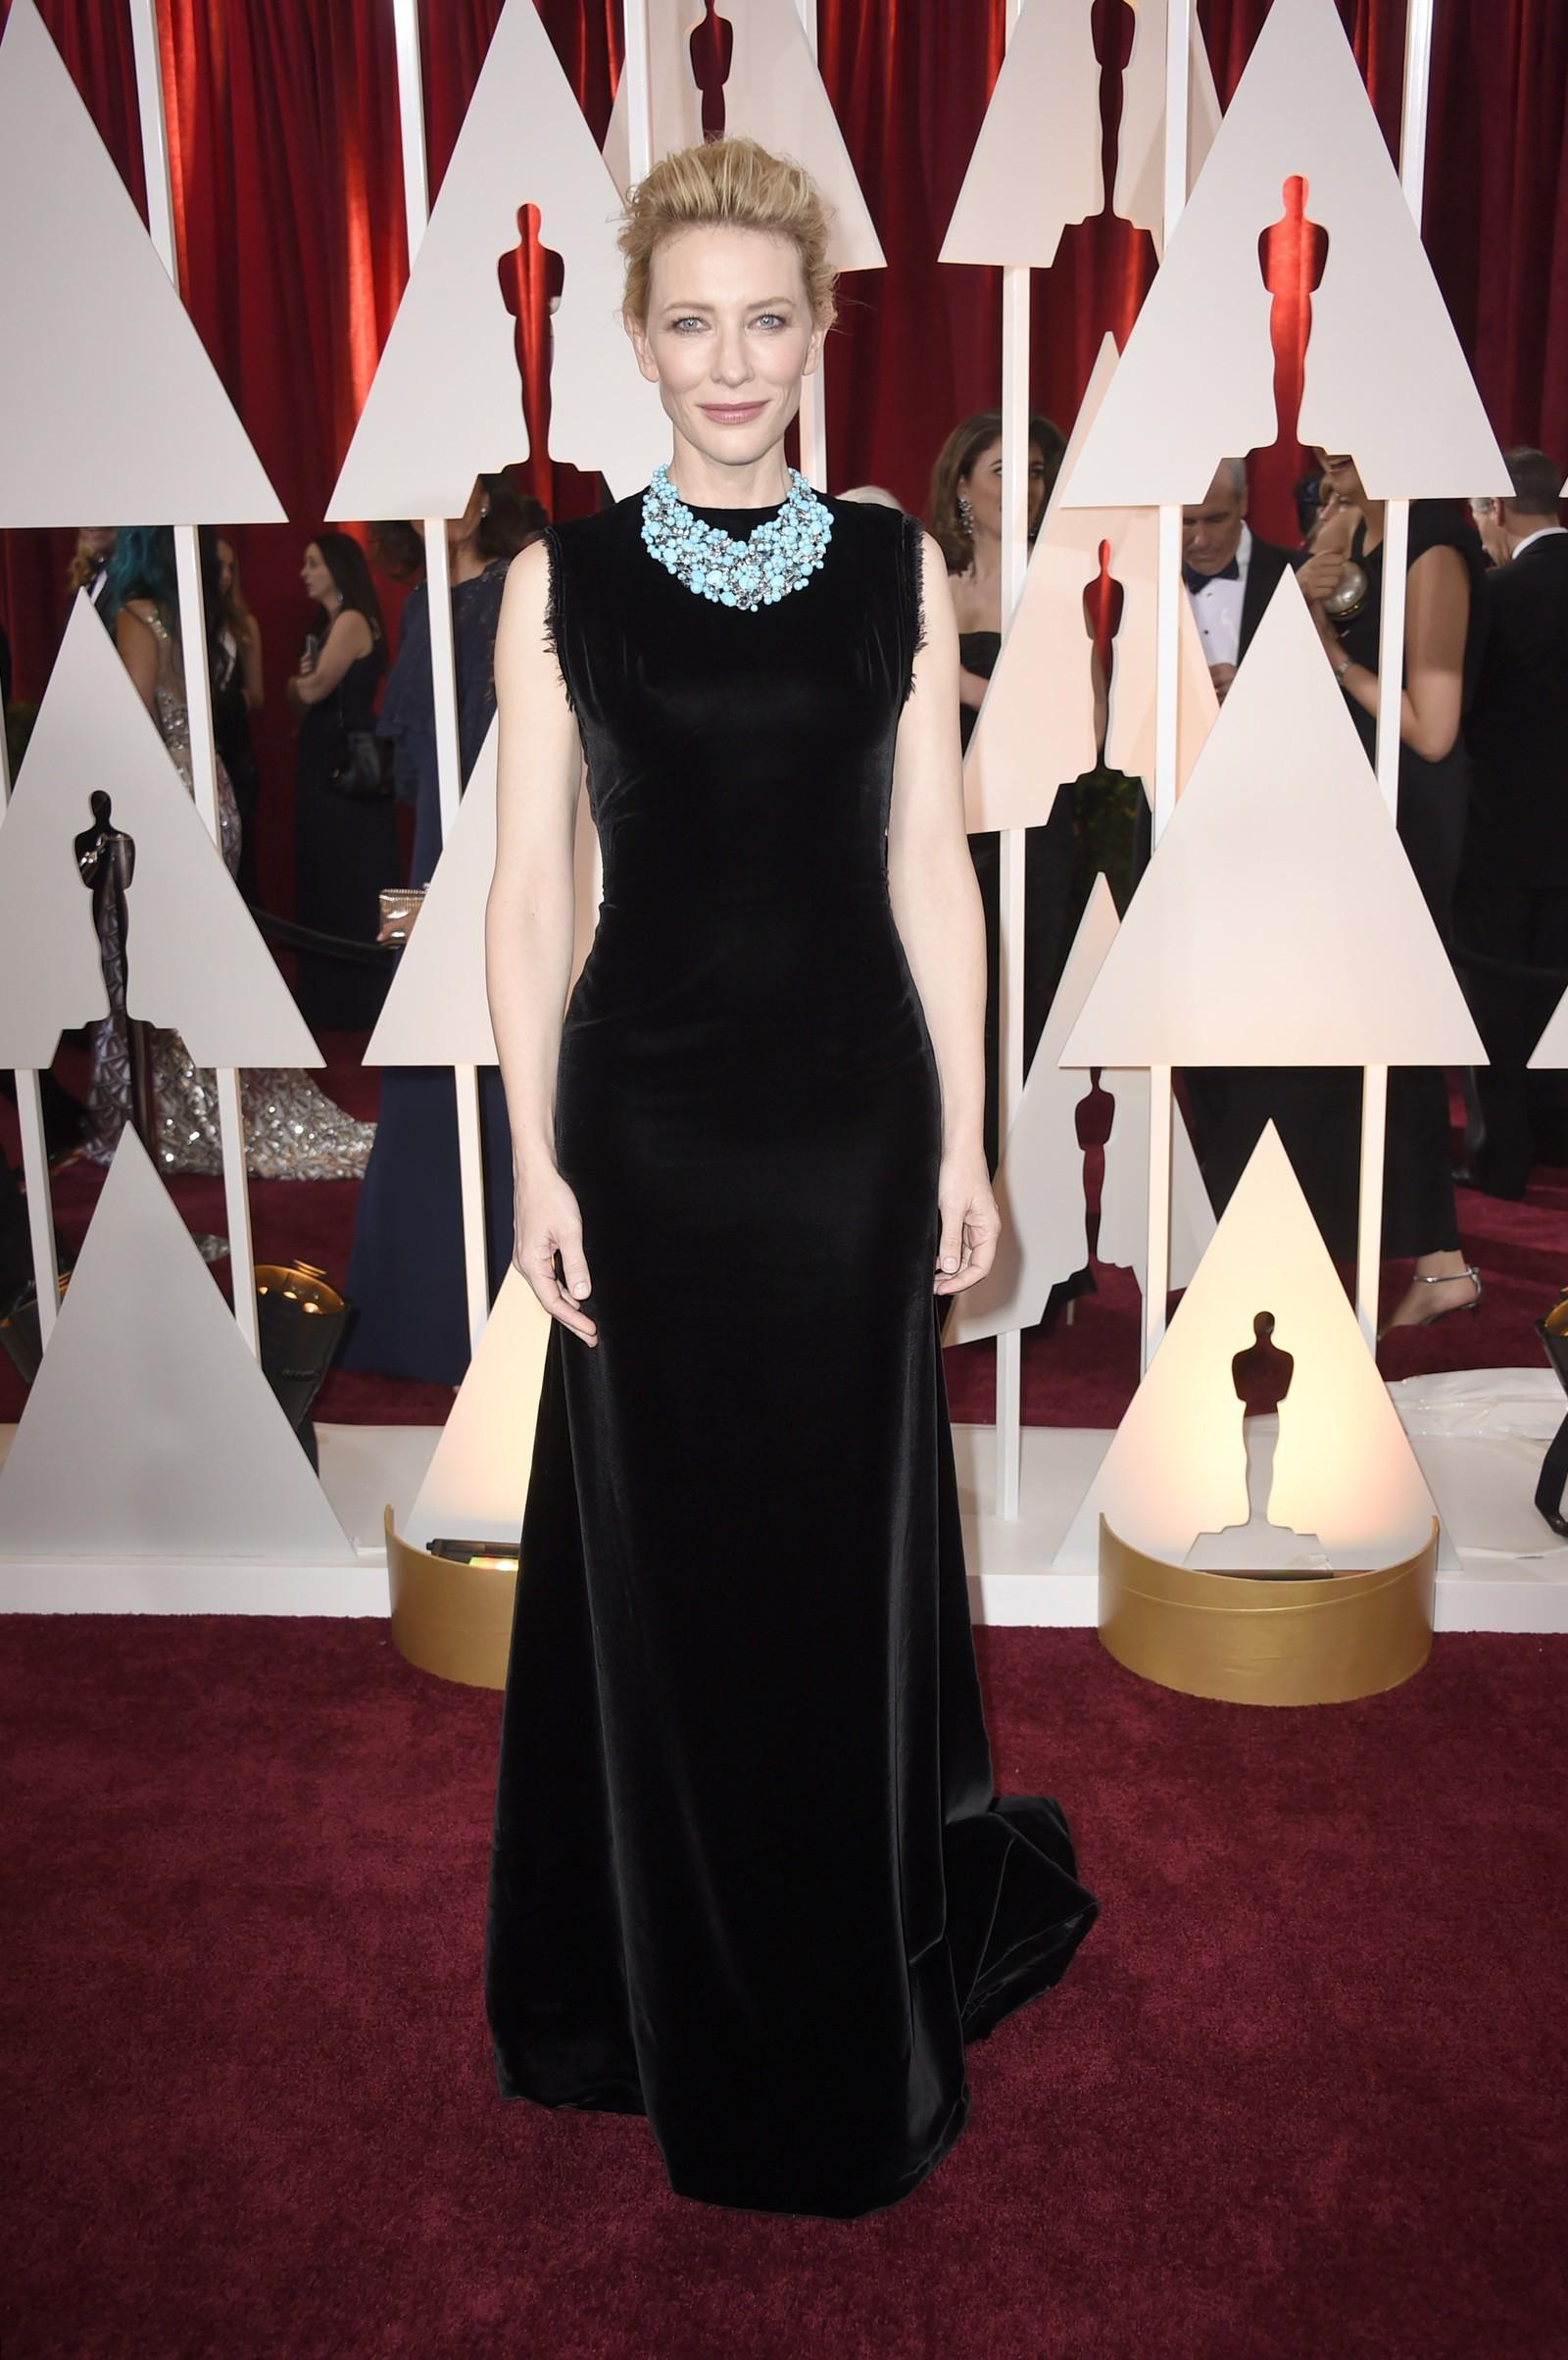 NUMMER TRE: Cate Blanchett.